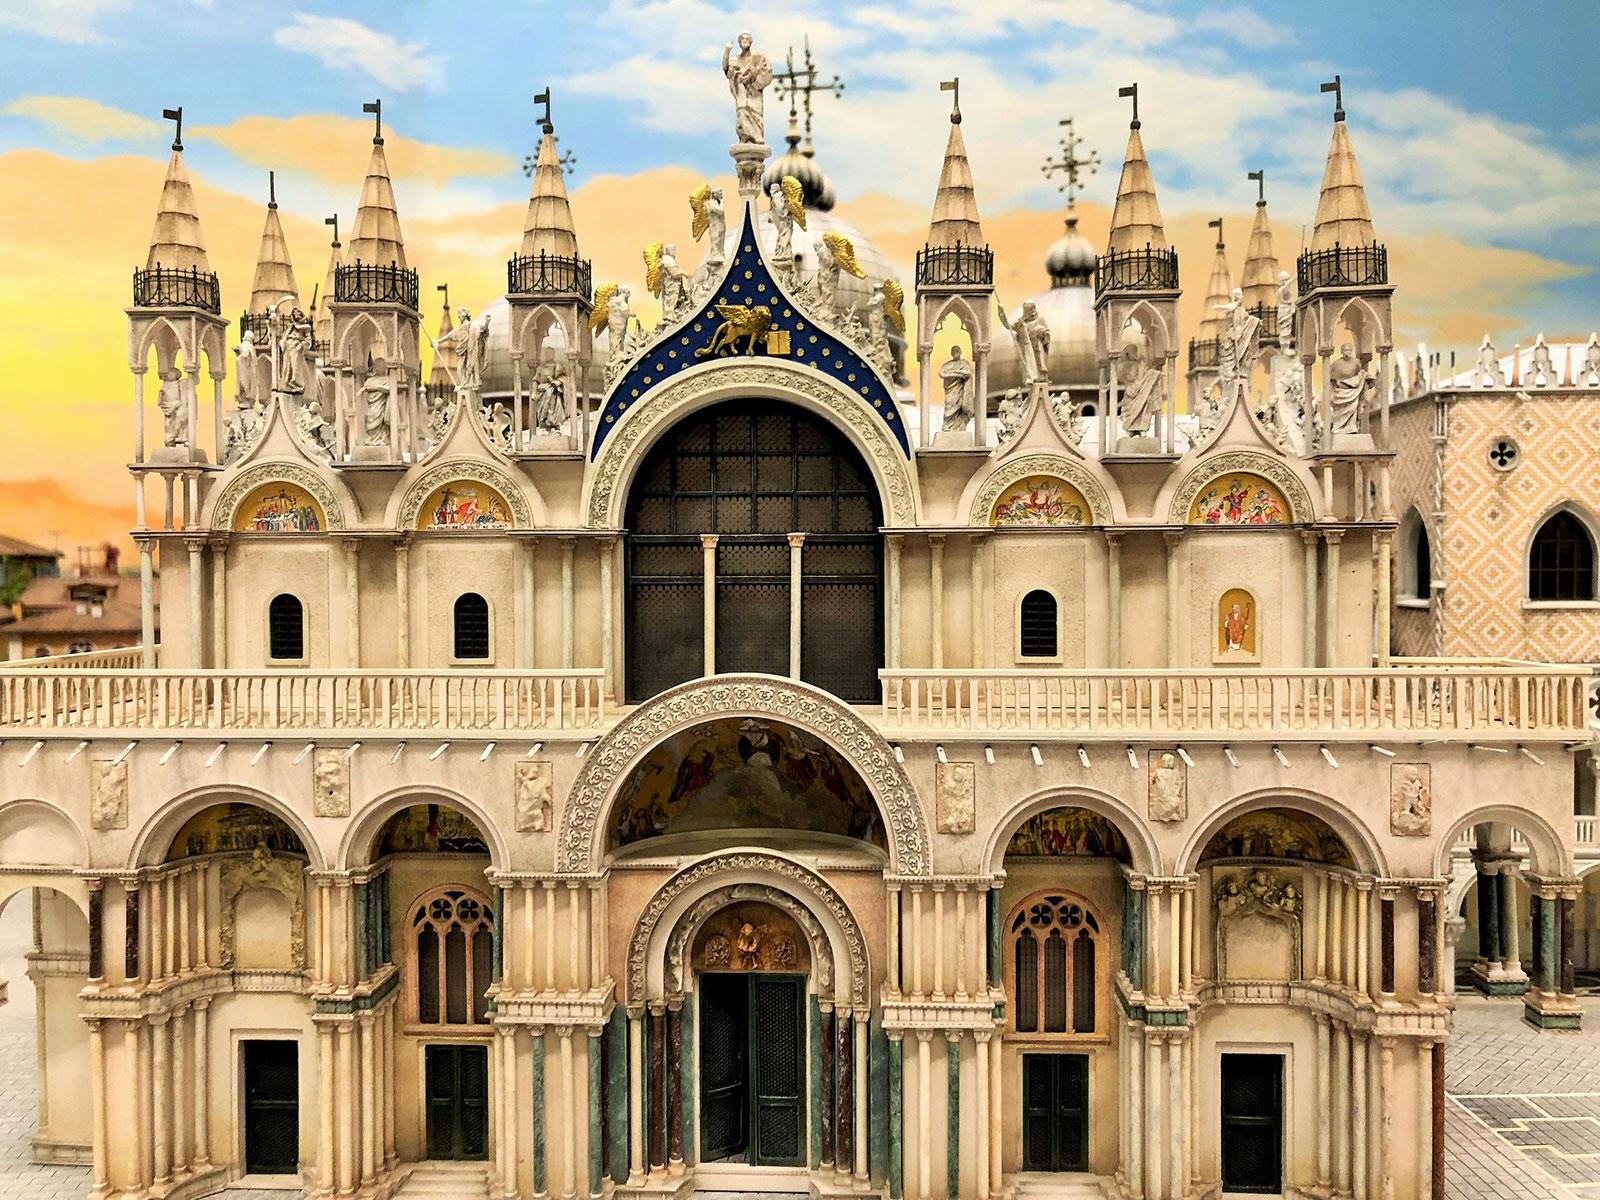 ber 35.000 Stunden wurde seither an der Kulisse des italienischen Weltkulturerbes mit seinen verwinkelten Gassen, Kanälen, Gondeln und Palazzi gearbeitet